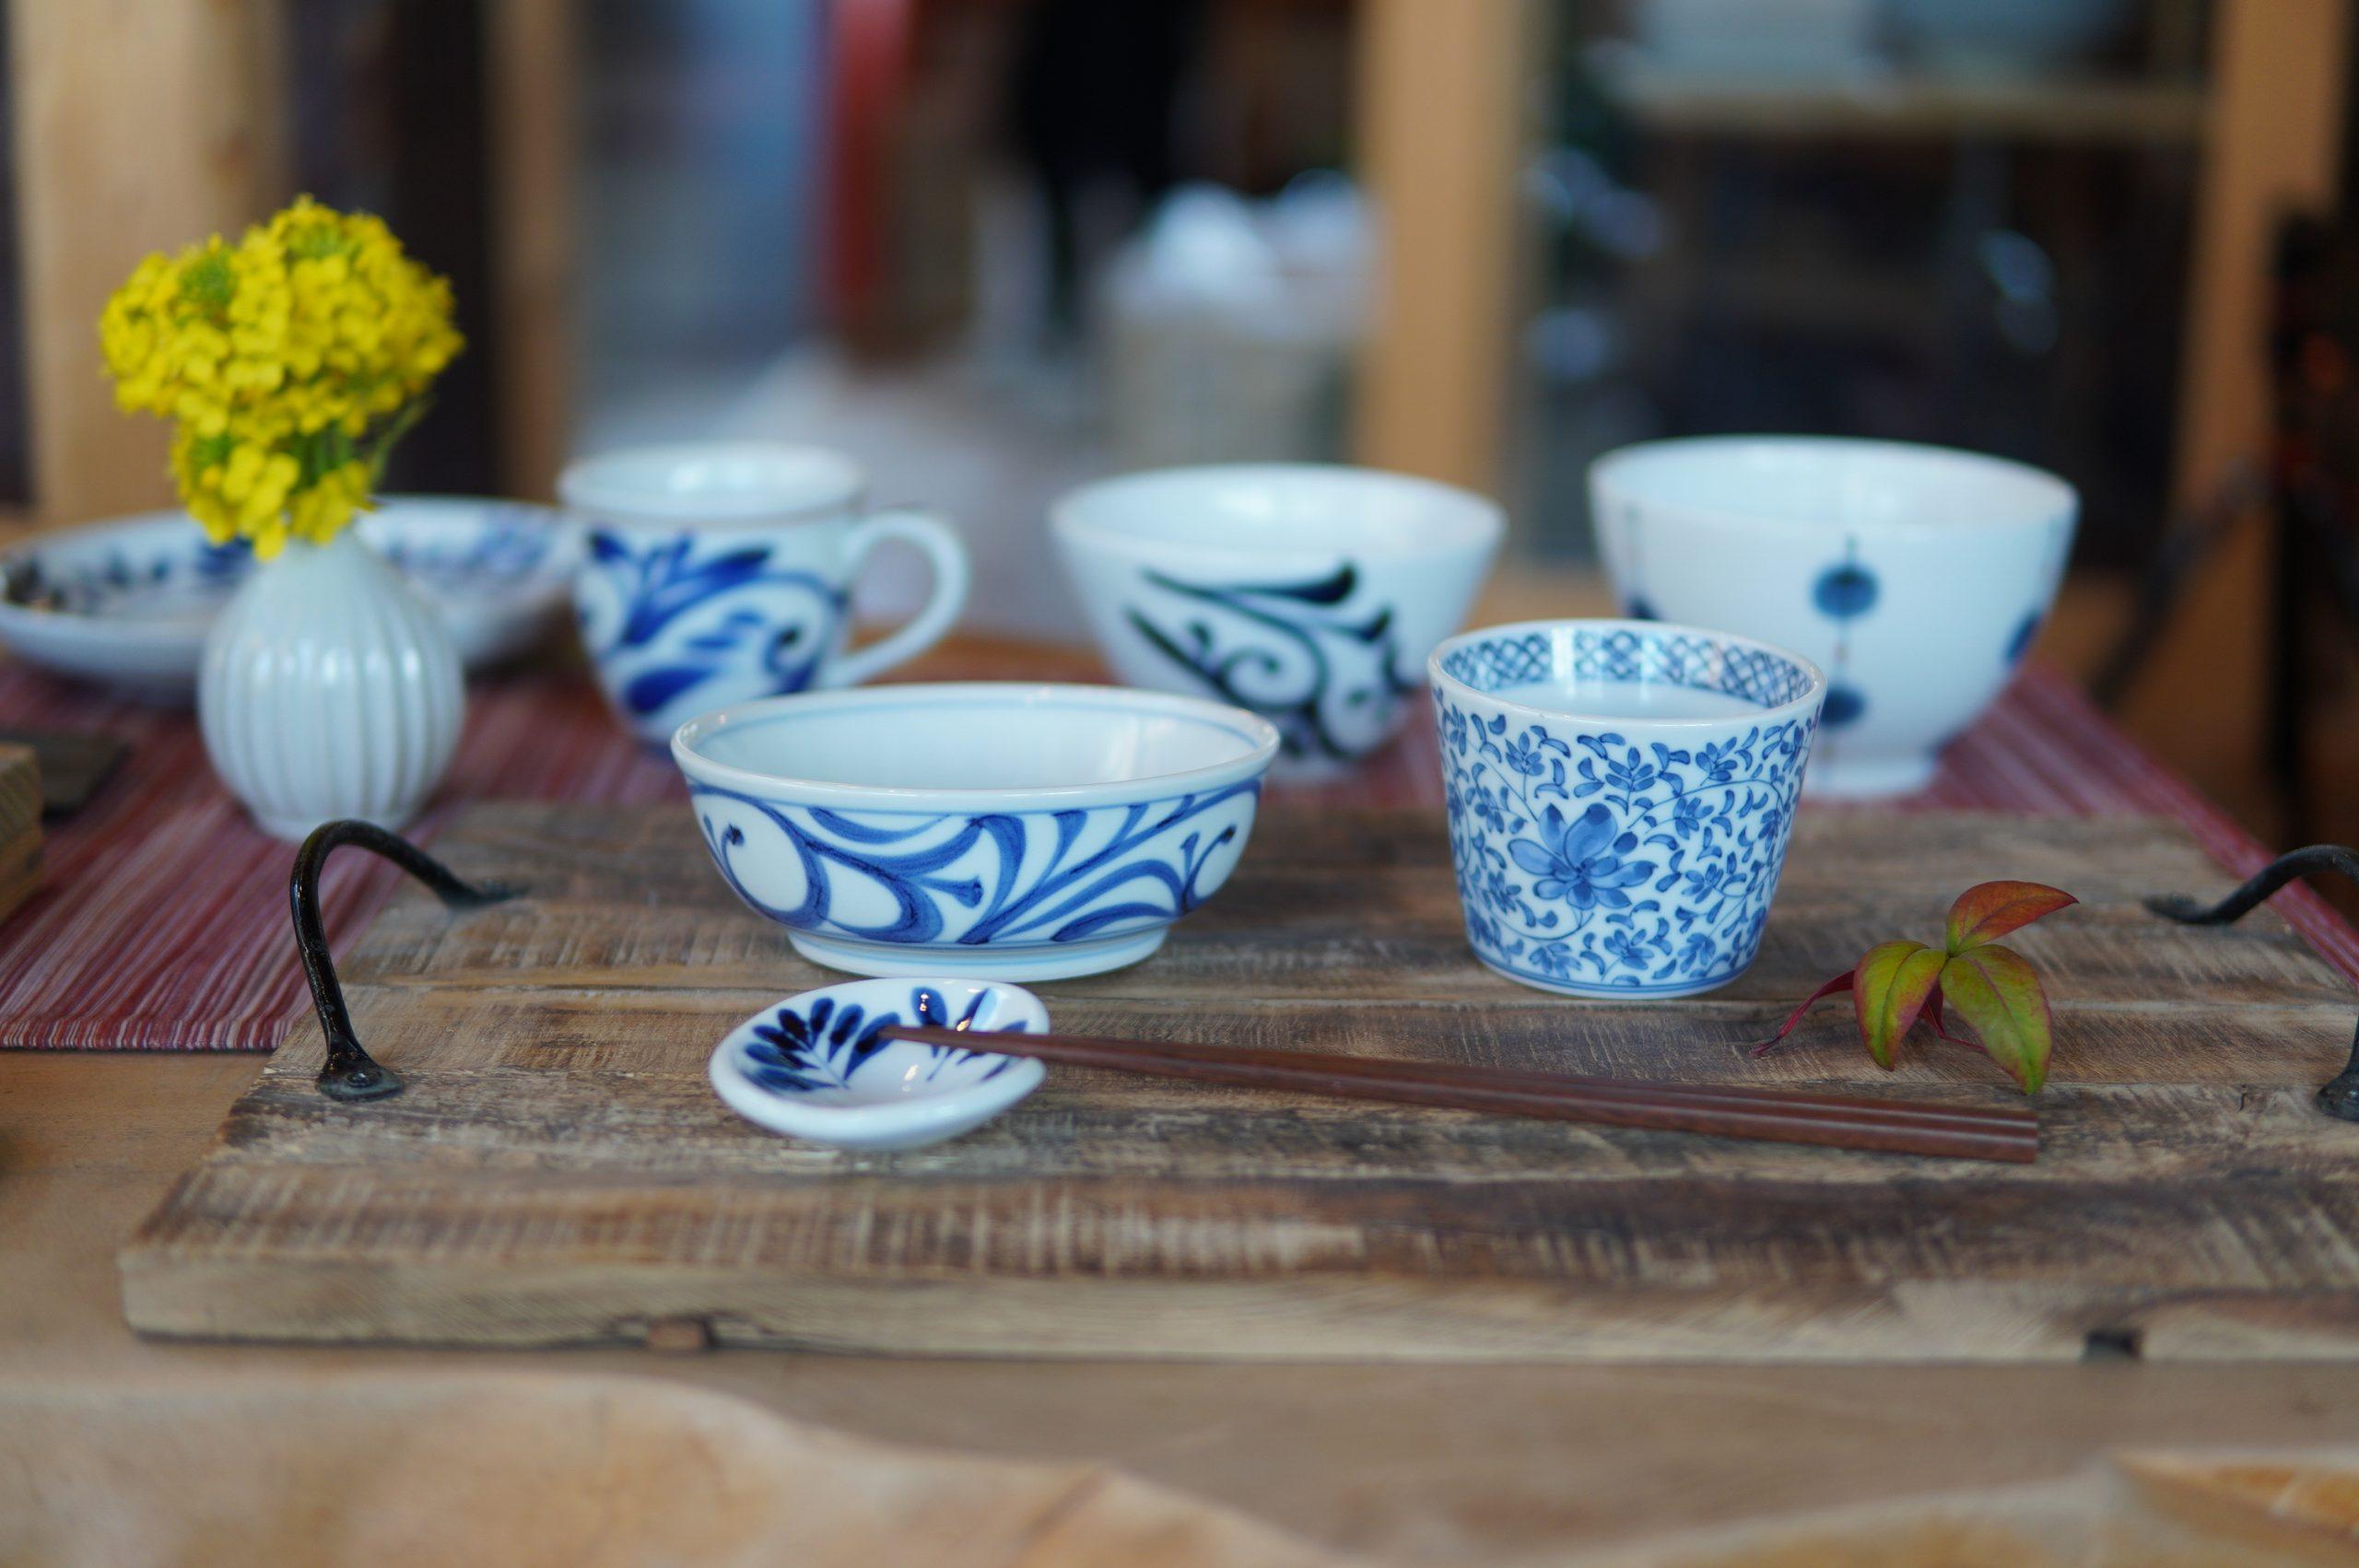 愛媛・砥部焼の魅力知って オンライン陶器市、期間限定開催